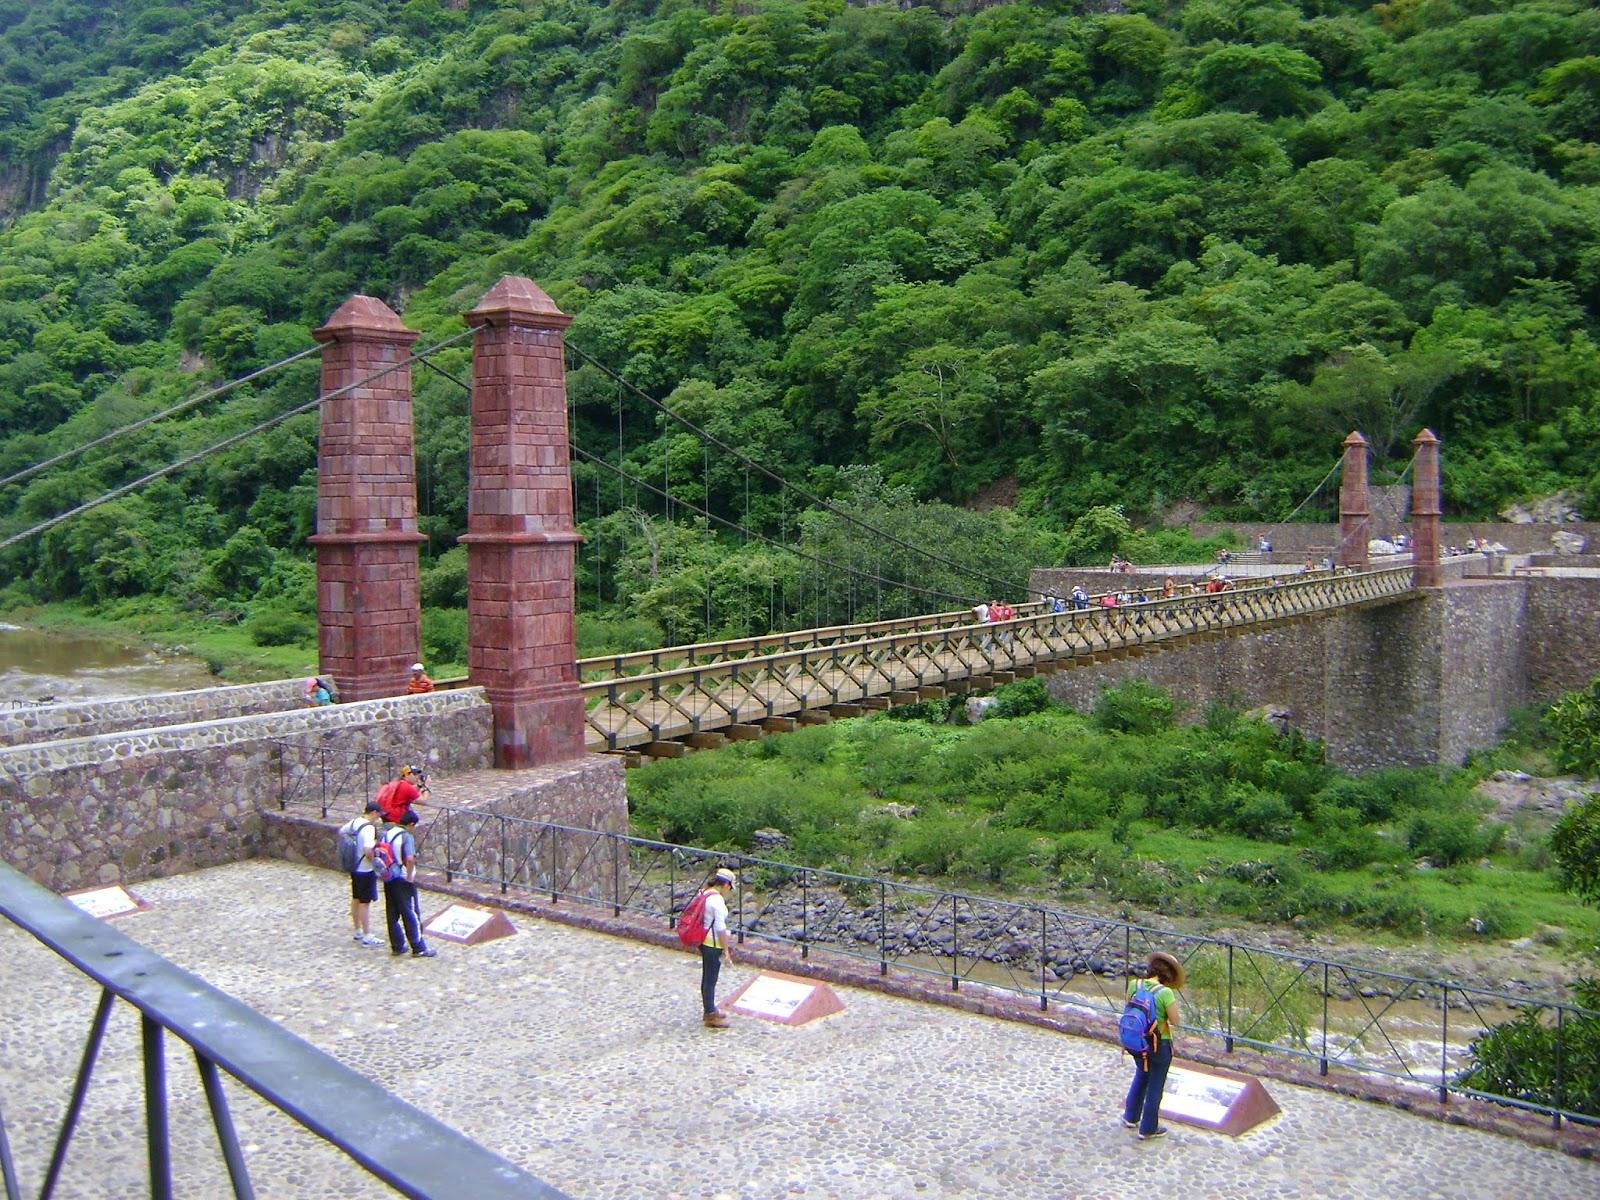 Personas caminando cerca del El Arcediano en las Barrancas de Huentitán